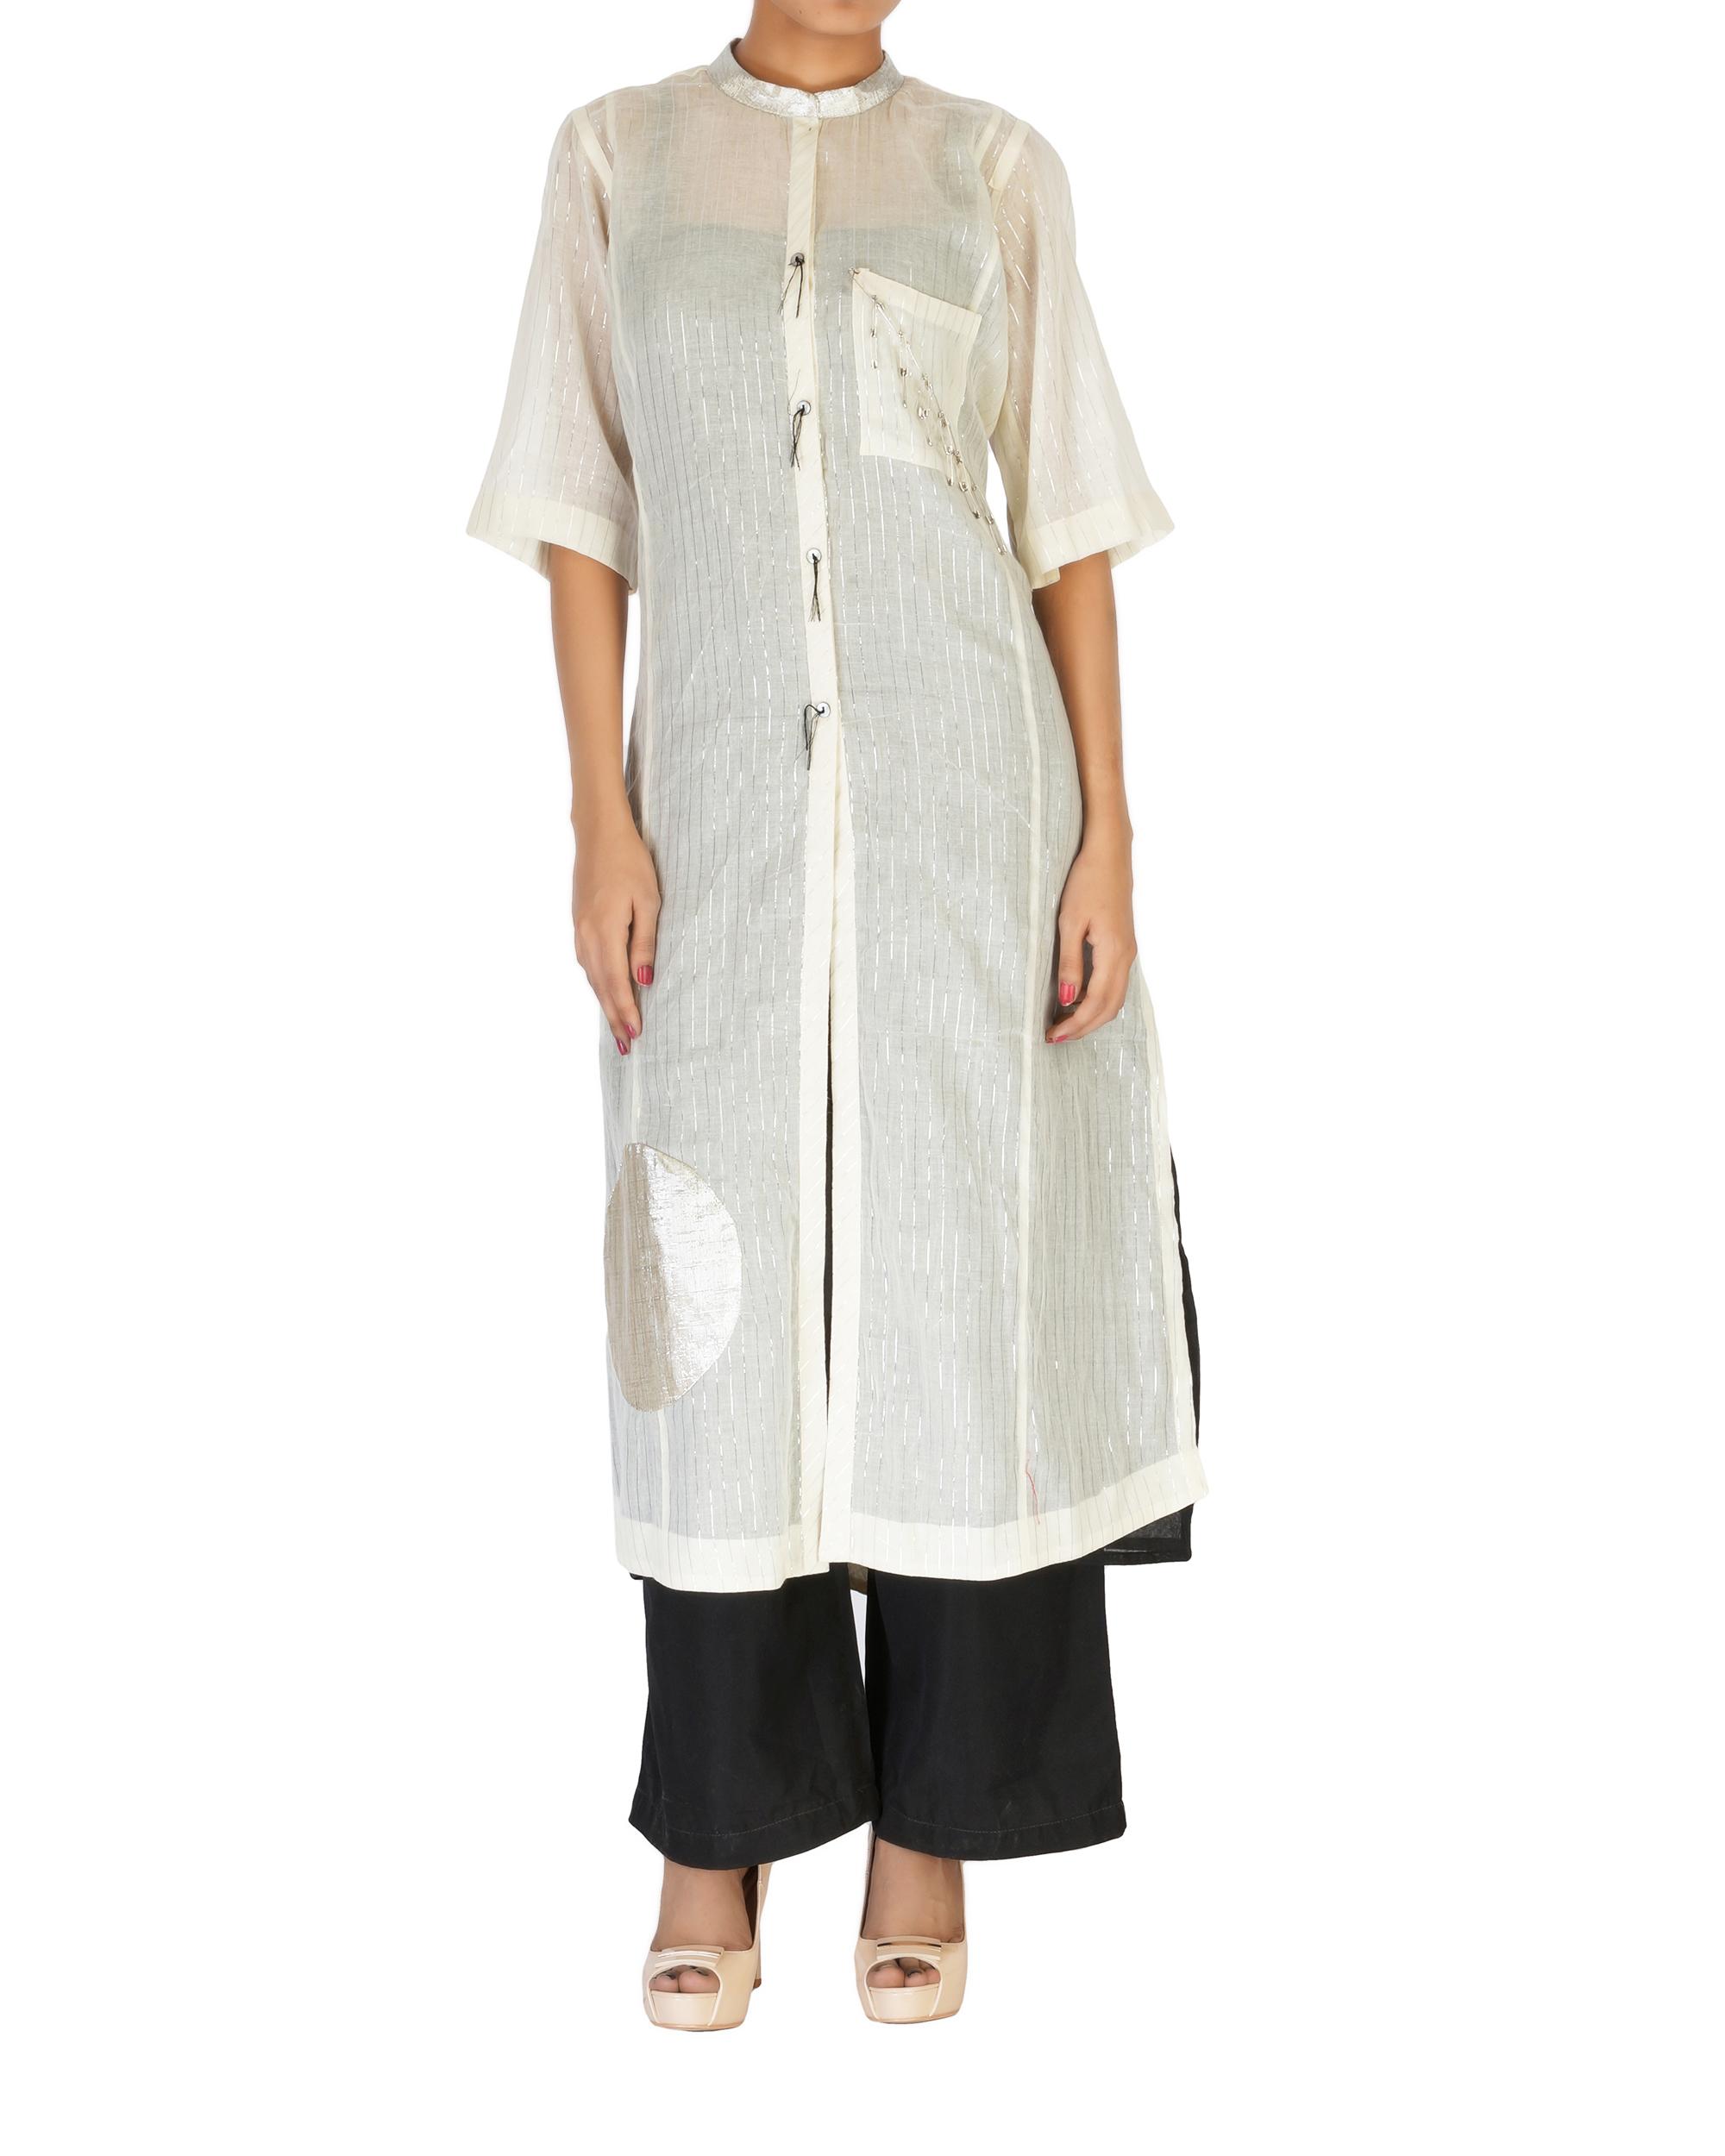 Long kurta shirt